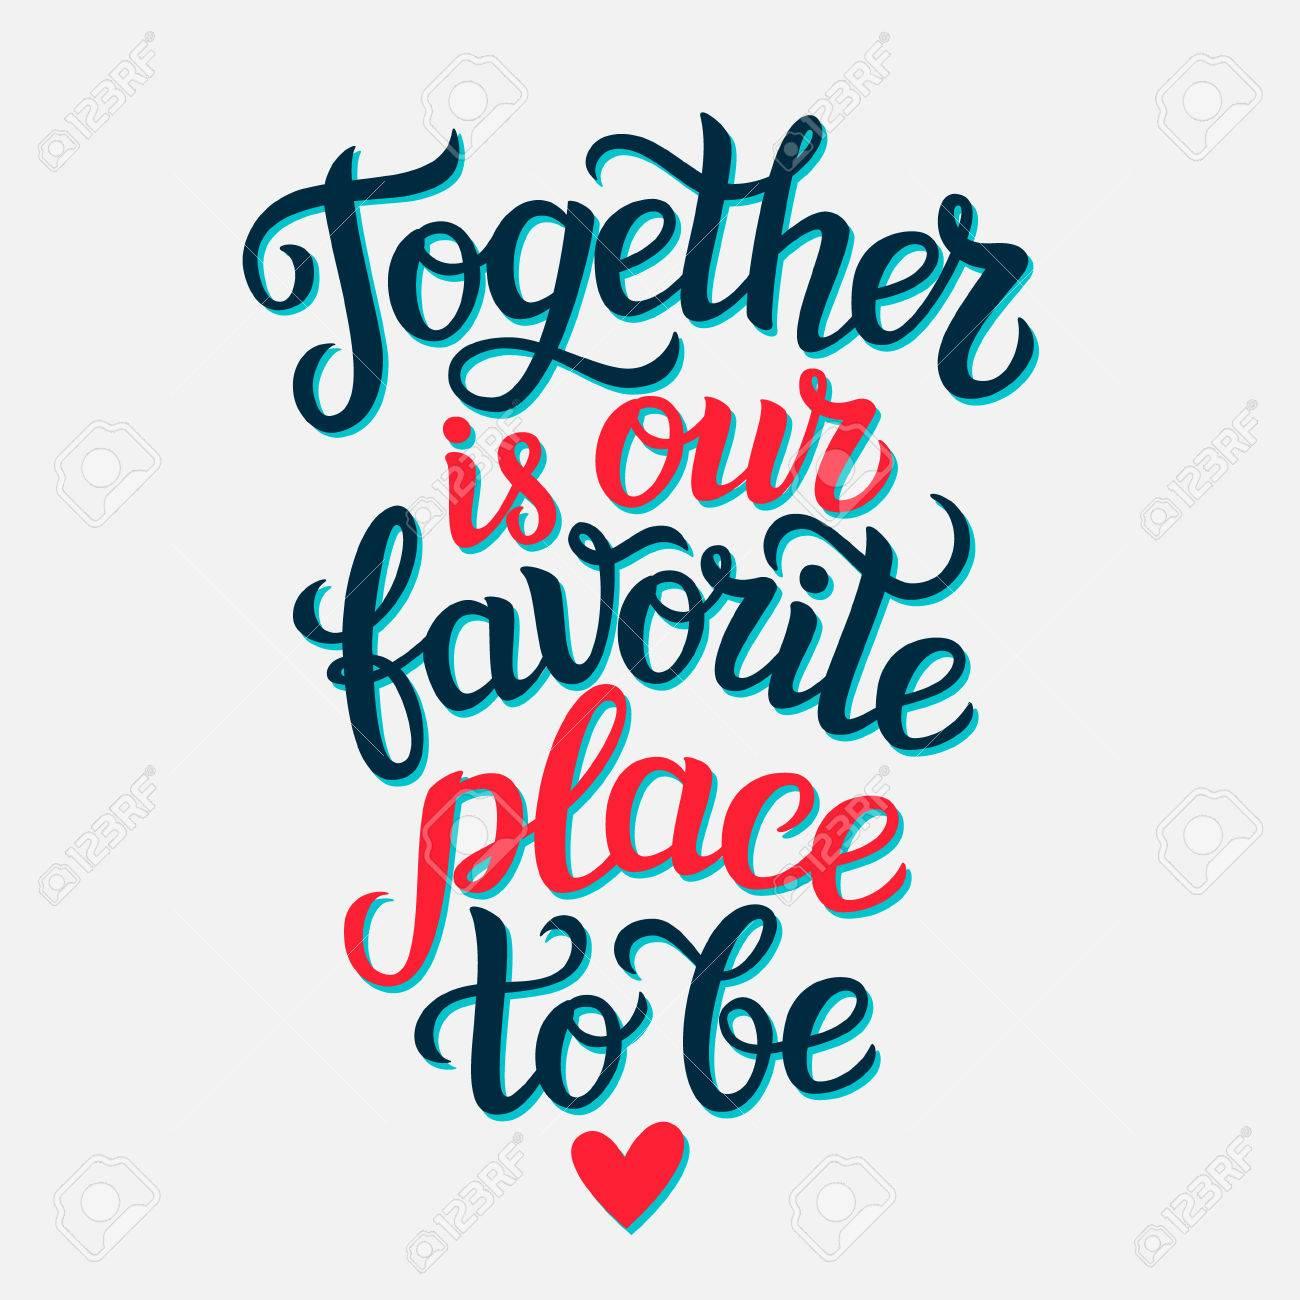 Lettrage Affiche De La Typographie Citation Inspiree Together Est Notre Endroit Prefere Pour Etre Pour Un Mariage Ou La Famille Conception